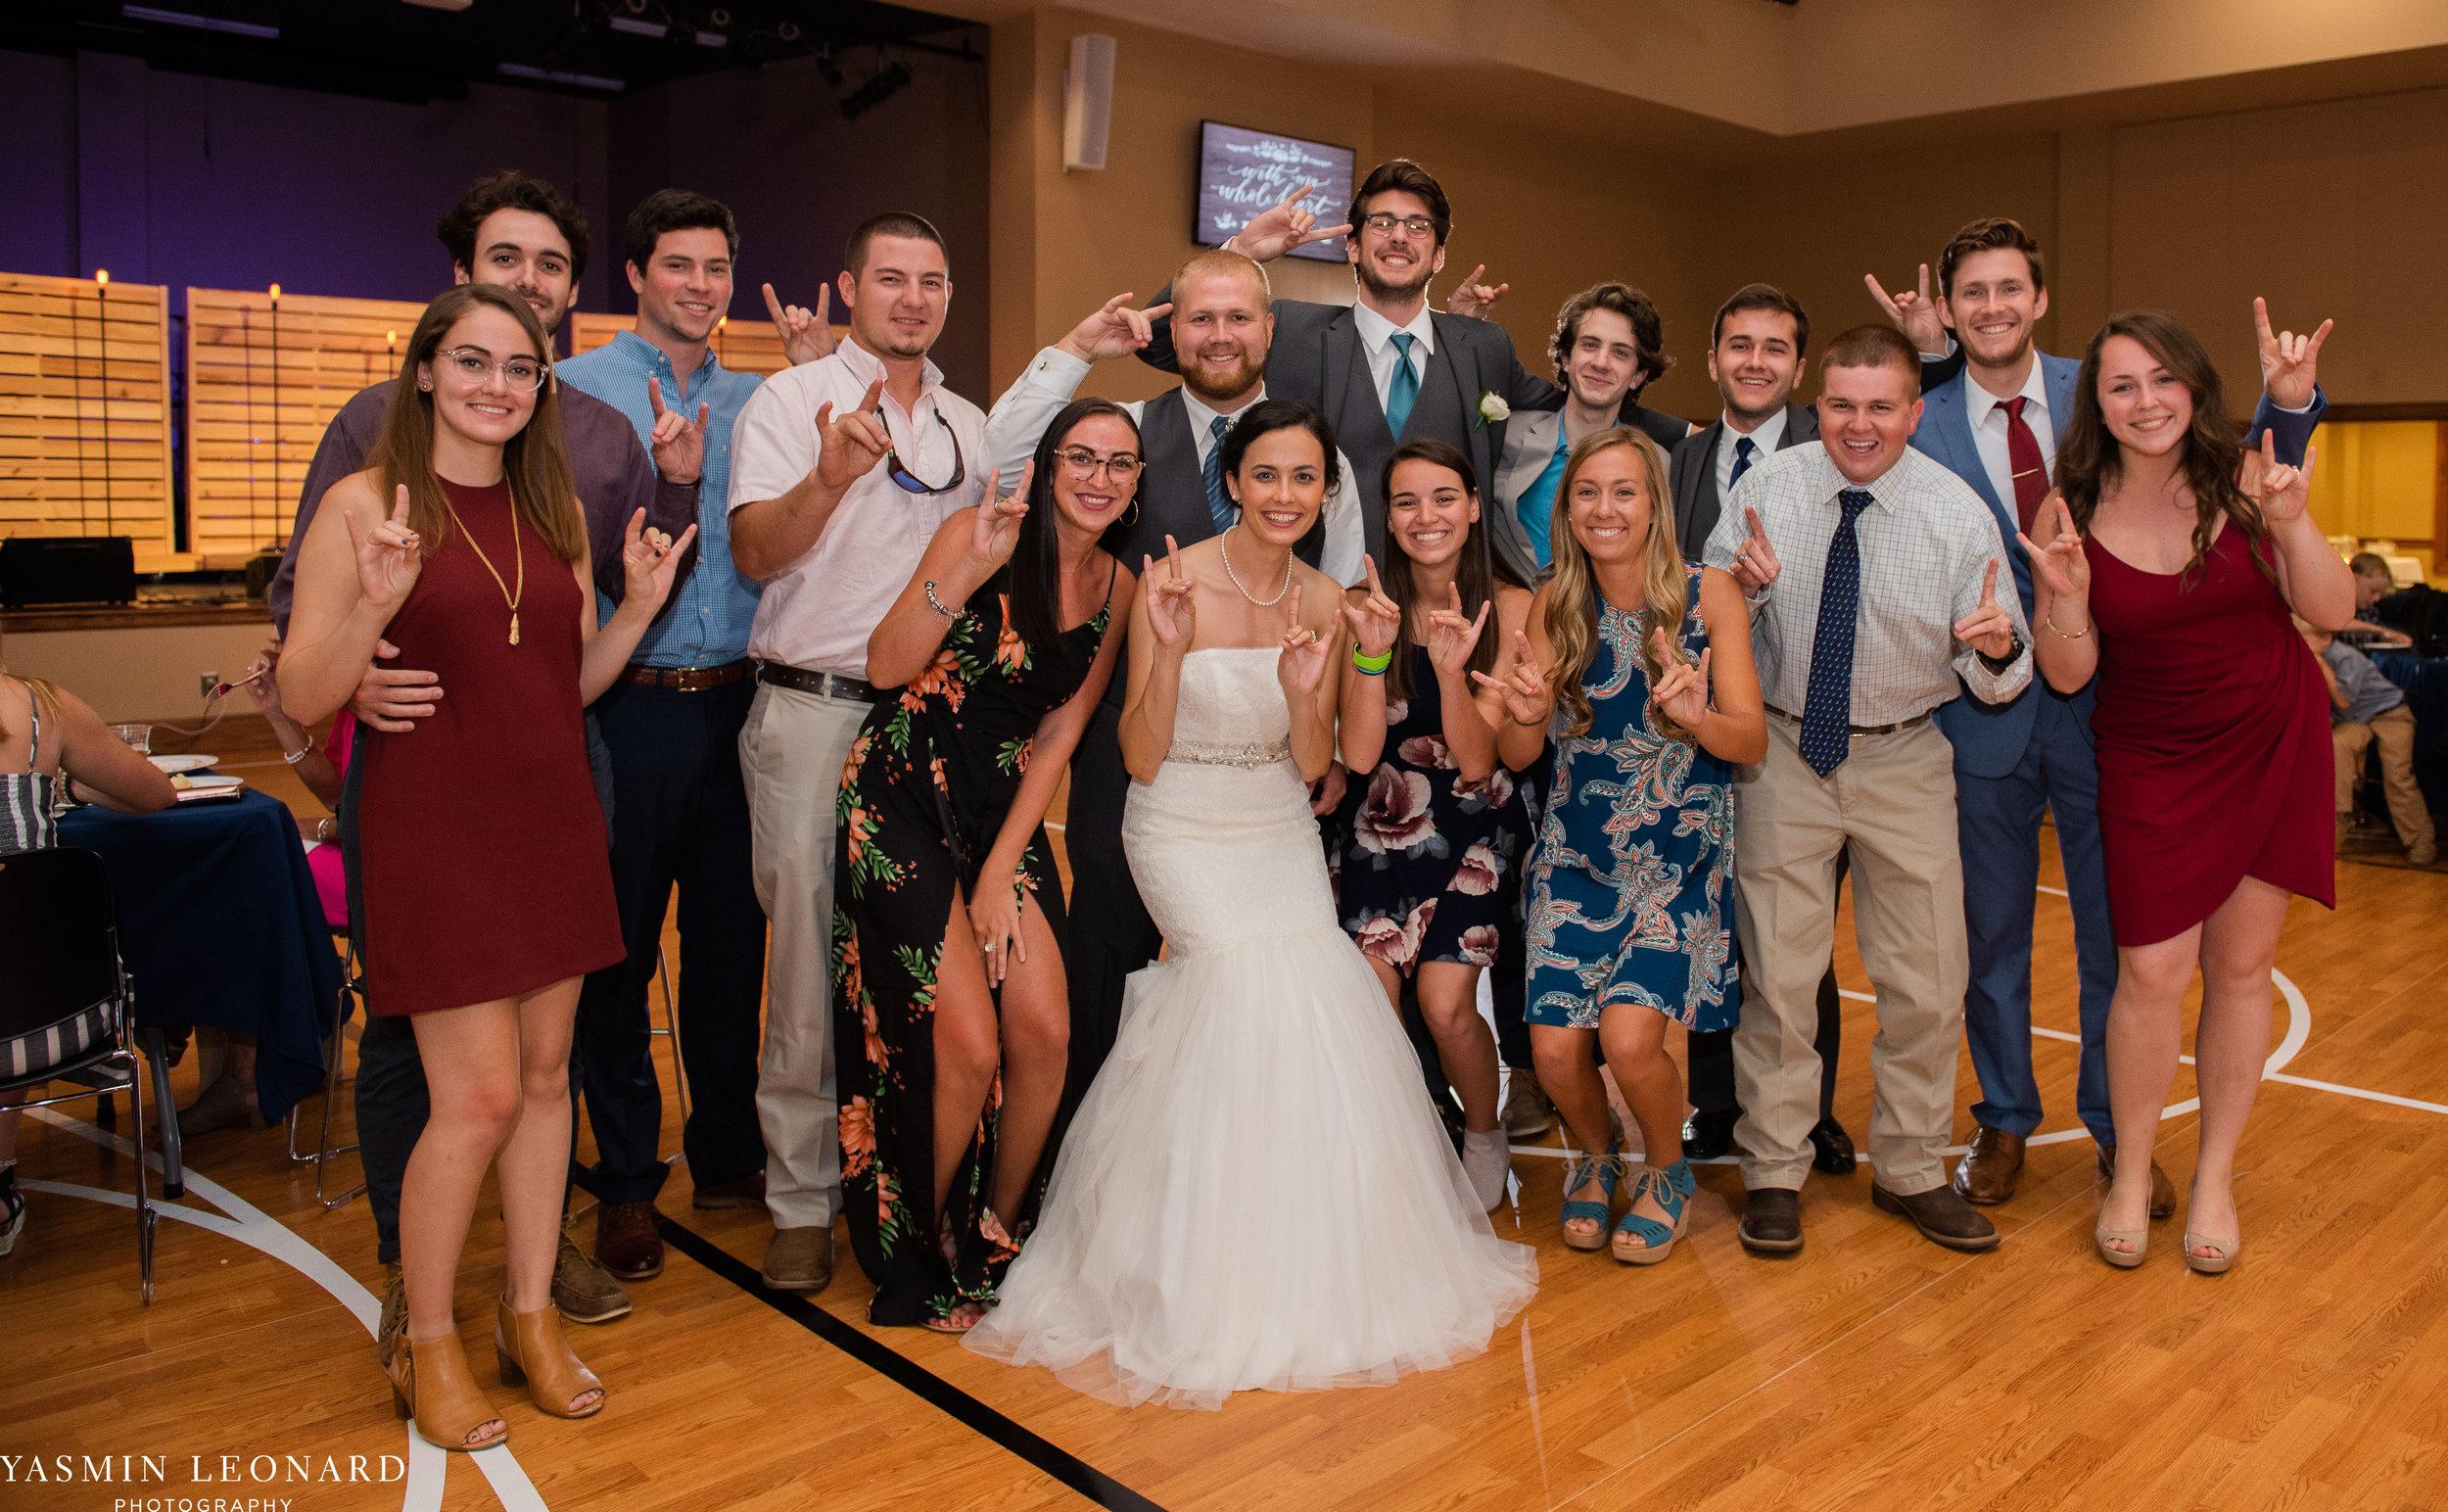 Mt. Pleasant Church - Church Wedding - Traditional Wedding - Church Ceremony - Country Wedding - Godly Wedding - NC Wedding Photographer - High Point Weddings - Triad Weddings - NC Venues-53.jpg